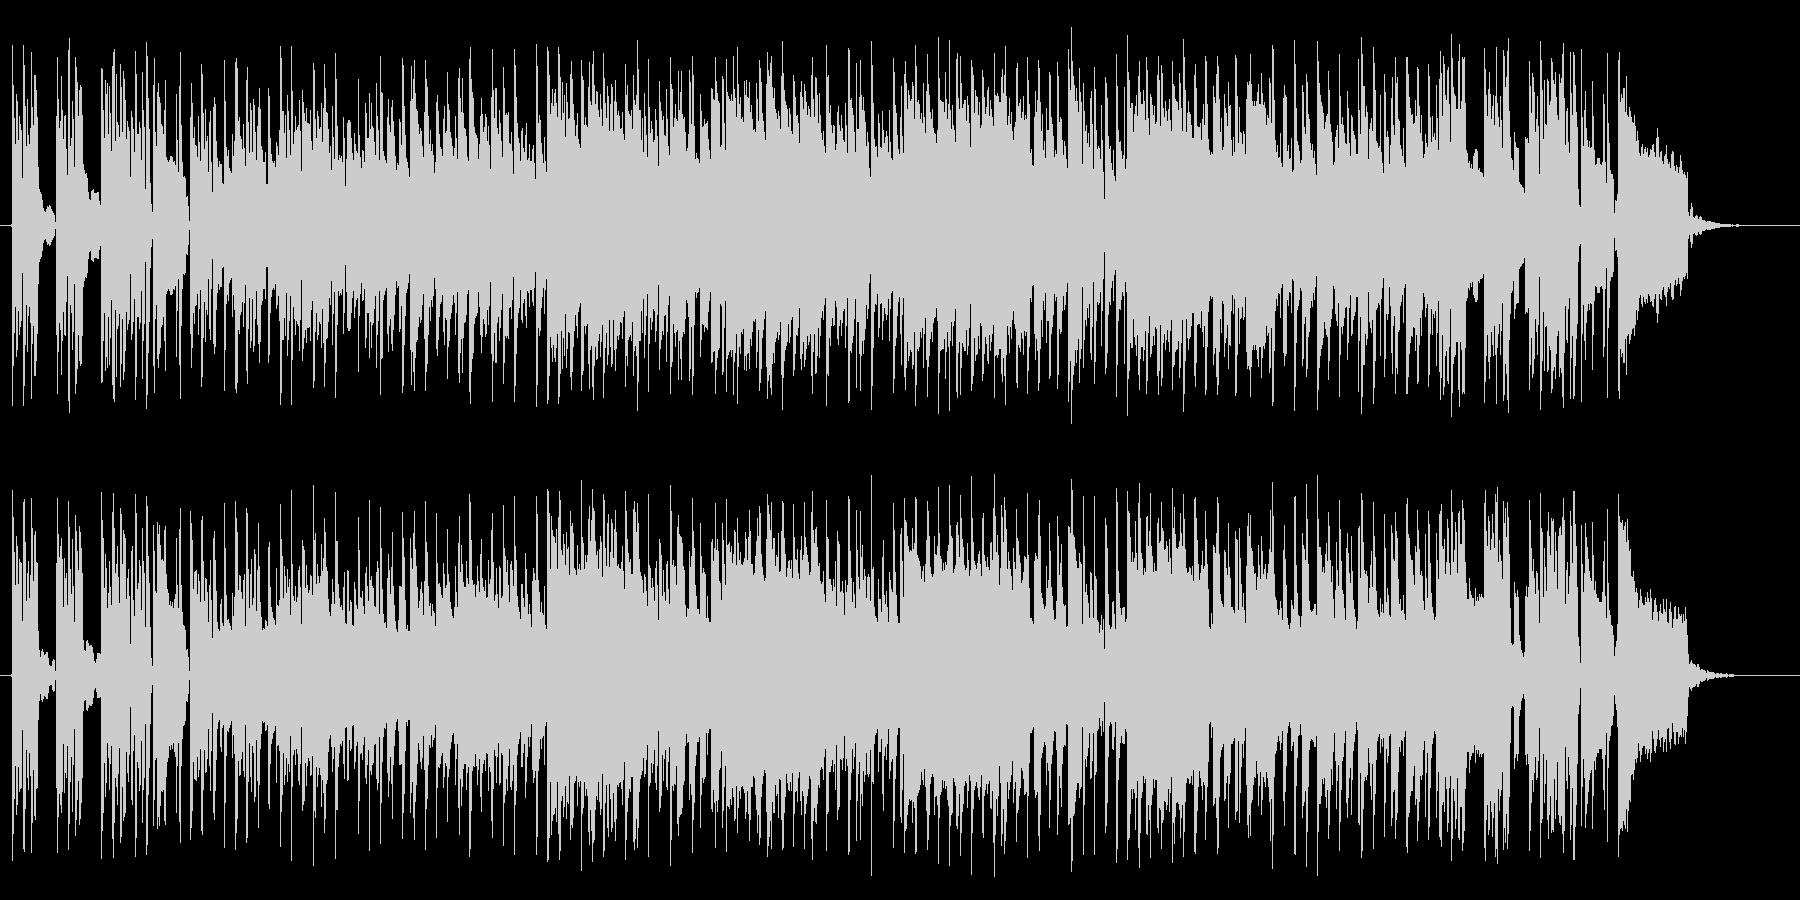 リズミカルで華麗なピアノサウンドの未再生の波形